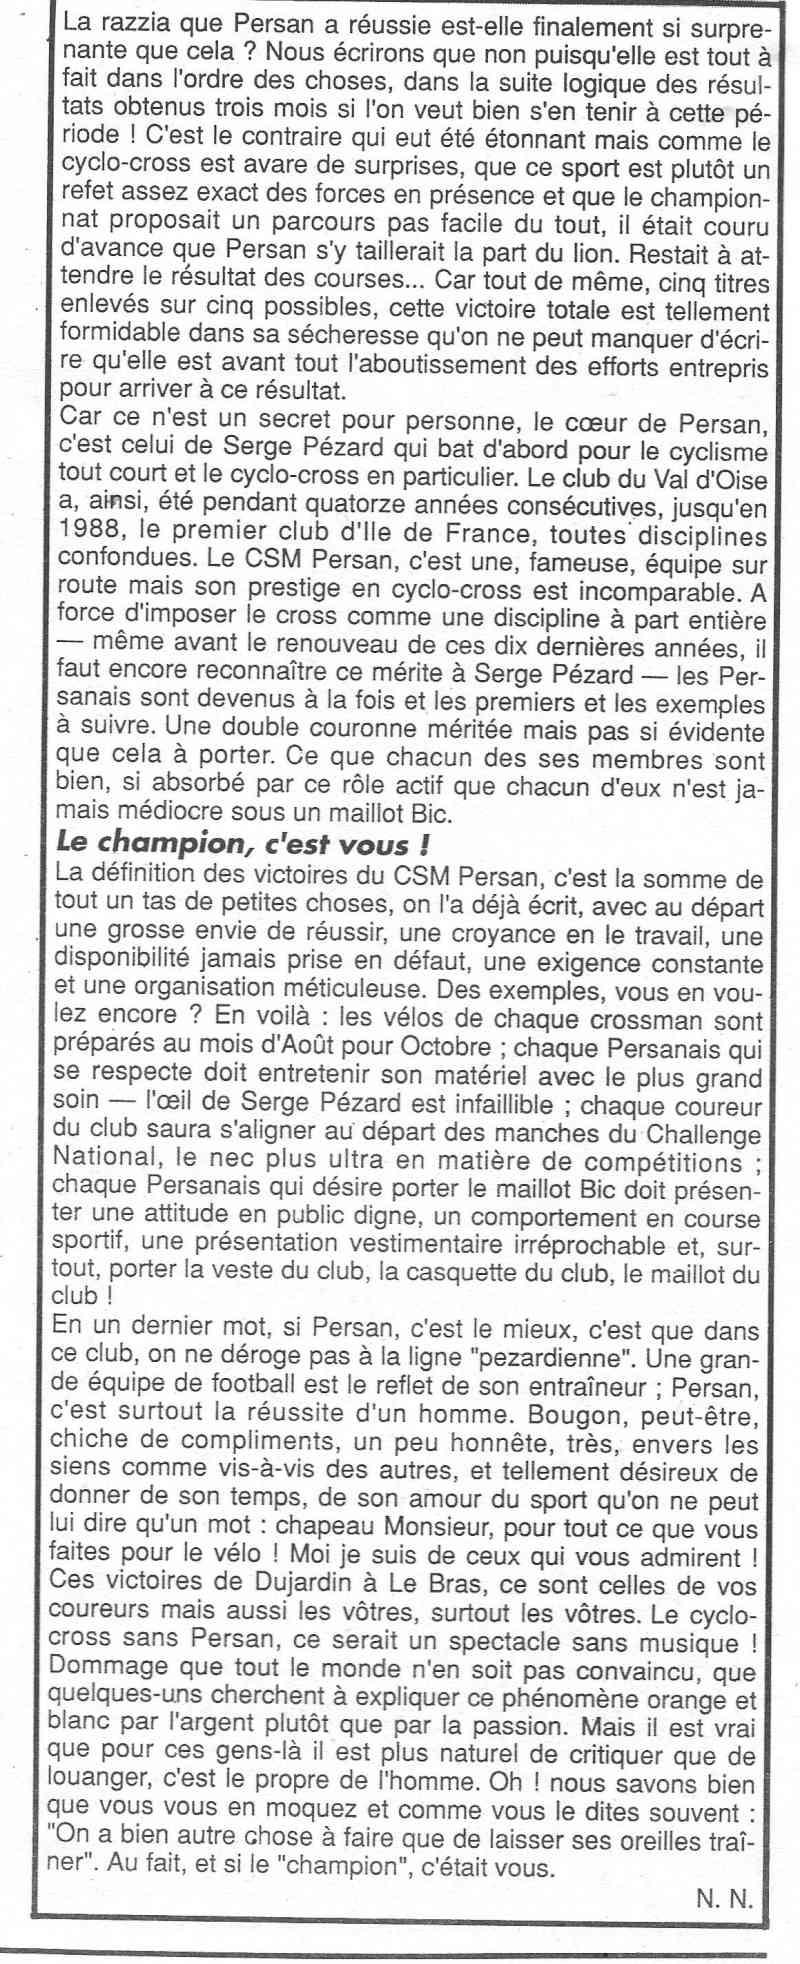 CSM.Persan. BIC. Toute une époque de janvier 1990 à novembre 2007 - Page 4 1990_223